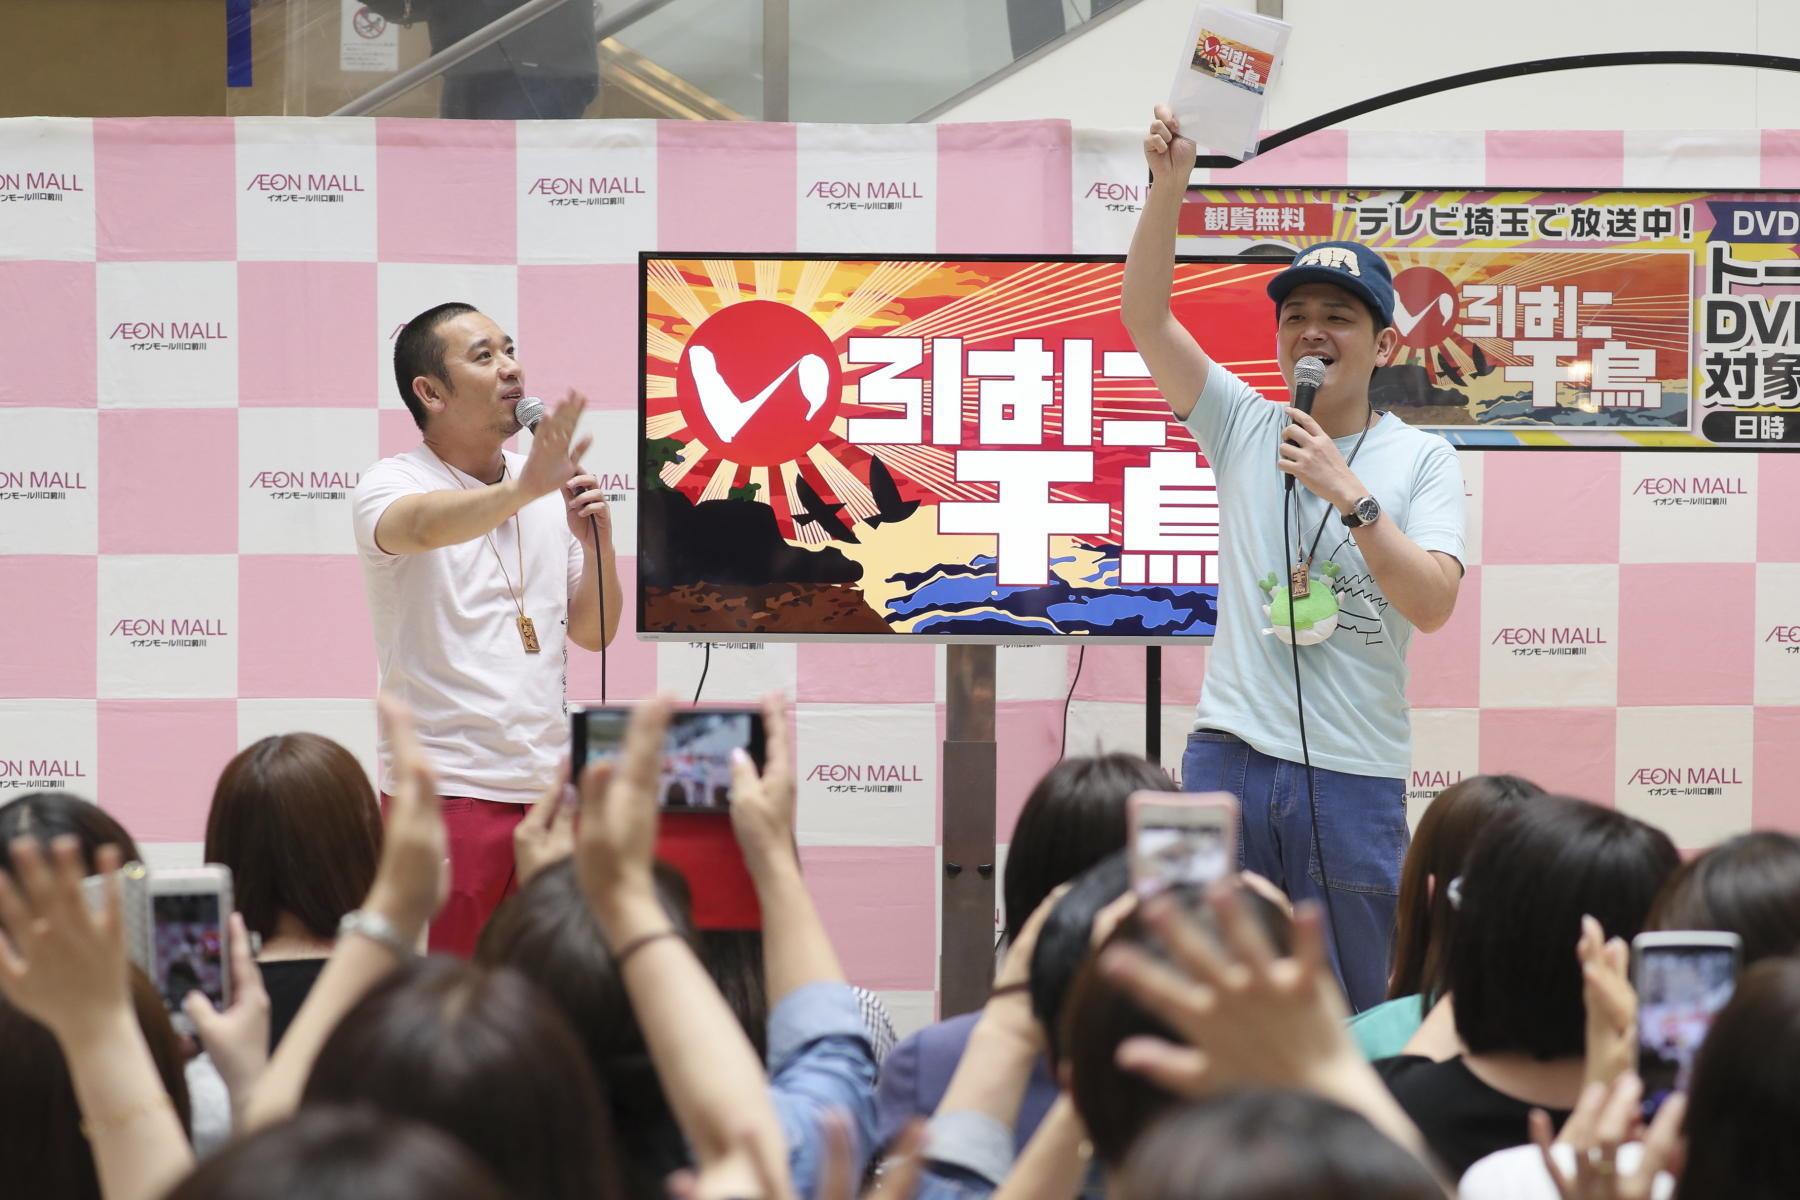 http://news.yoshimoto.co.jp/20180531130031-215fb252c7401a0f1e4fcf69ad0e642e24996911.jpg